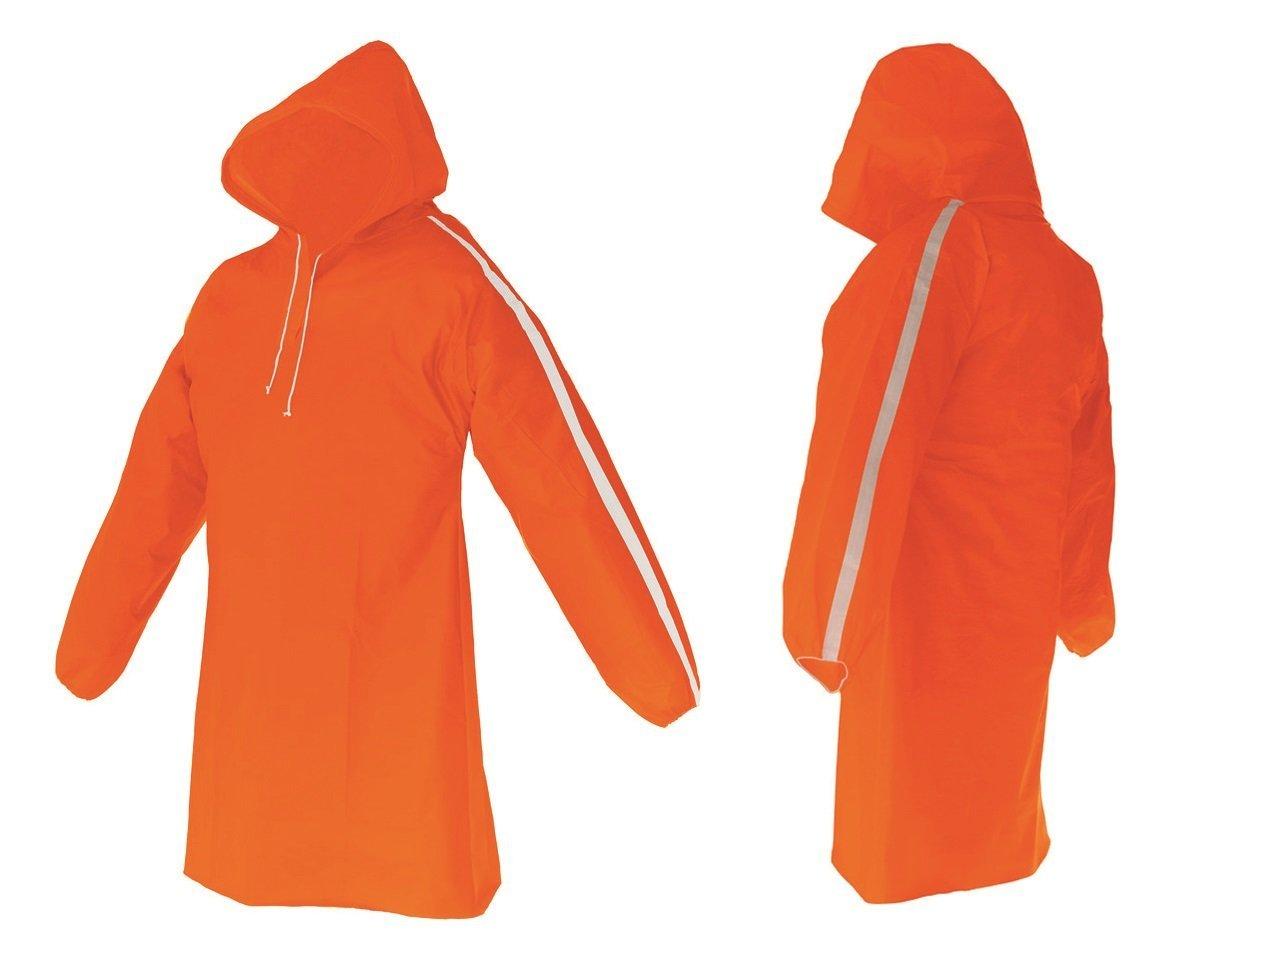 Yayu Mens Lightweight Fleece-Lined Hooded Outwear Rainproof Windproof Shell Jacket